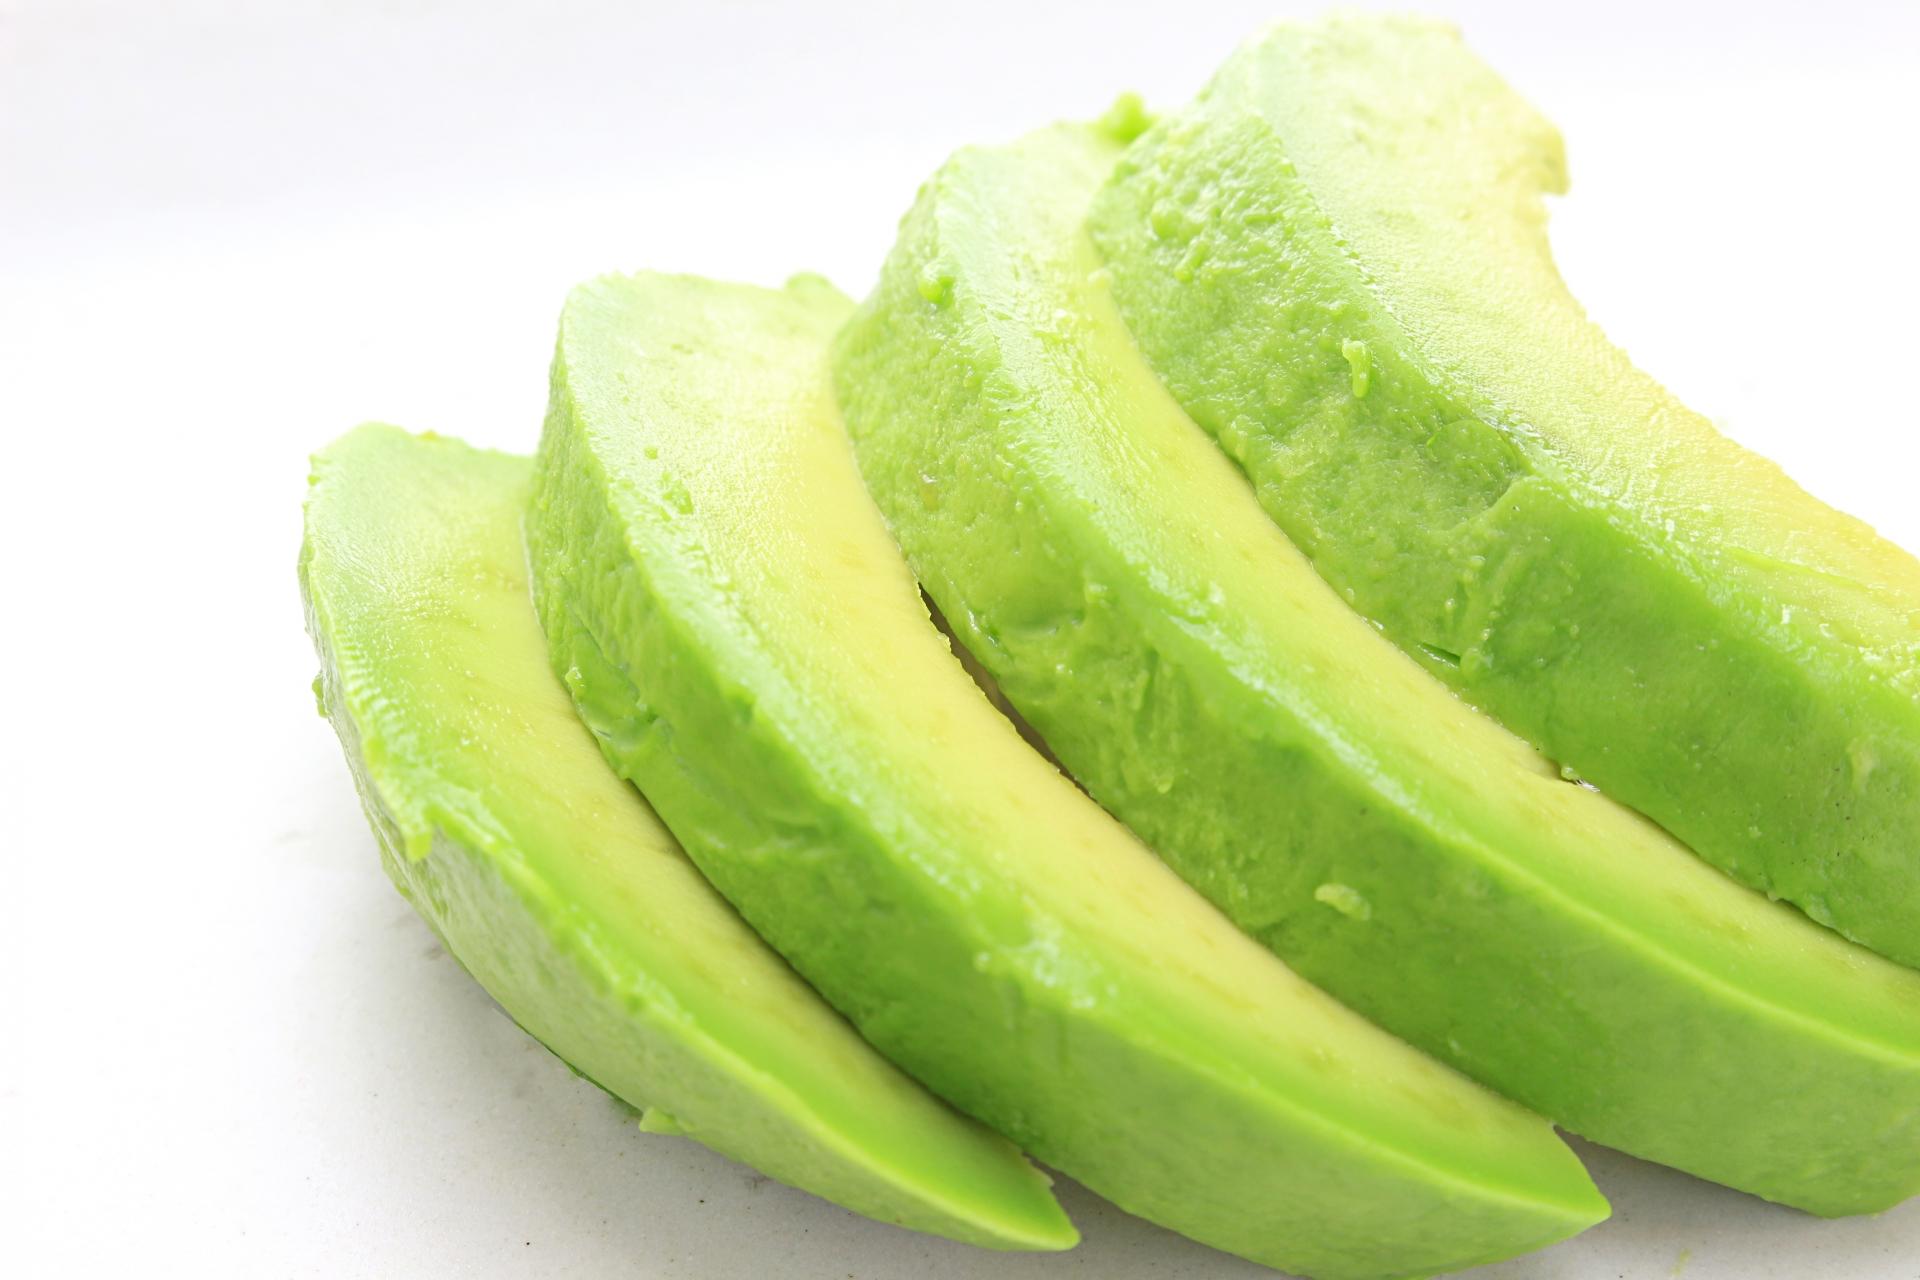 【ヒルナンデス】アボカドユッケのレシピ|低糖質|リュウジ【7月13日】